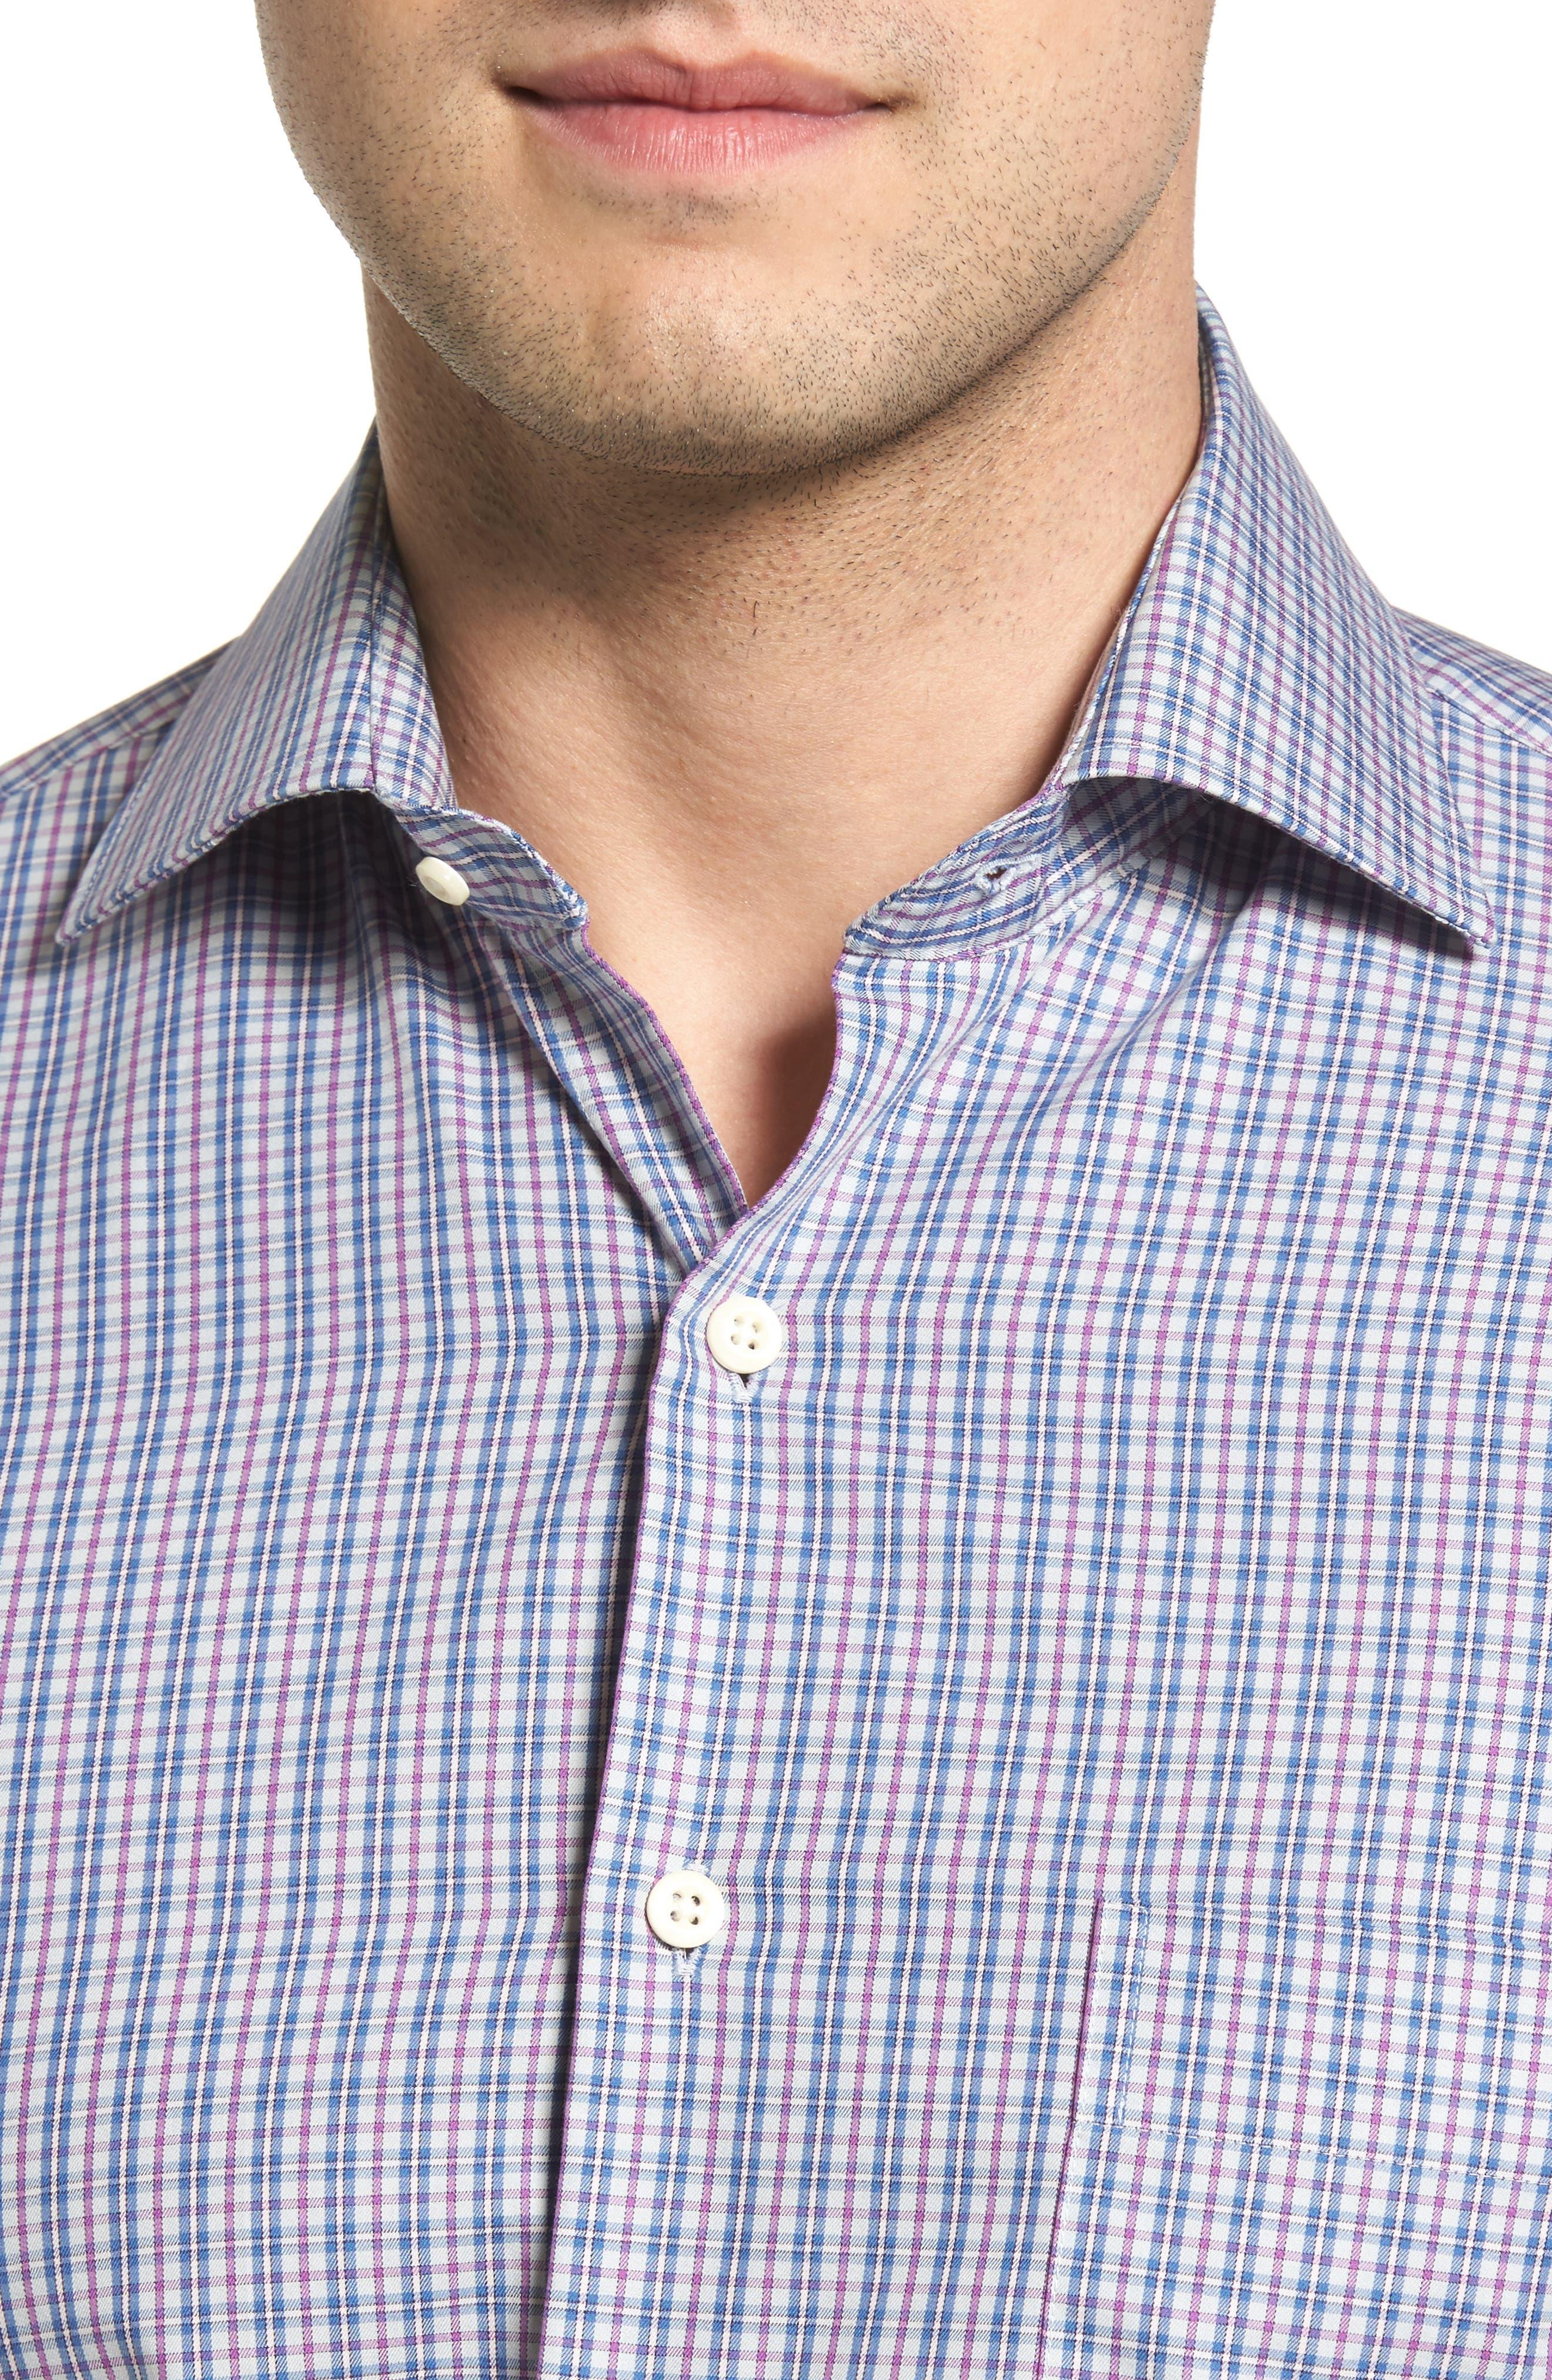 Hillock Plaid Regular Fit Sport Shirt,                             Alternate thumbnail 4, color,                             Stingray